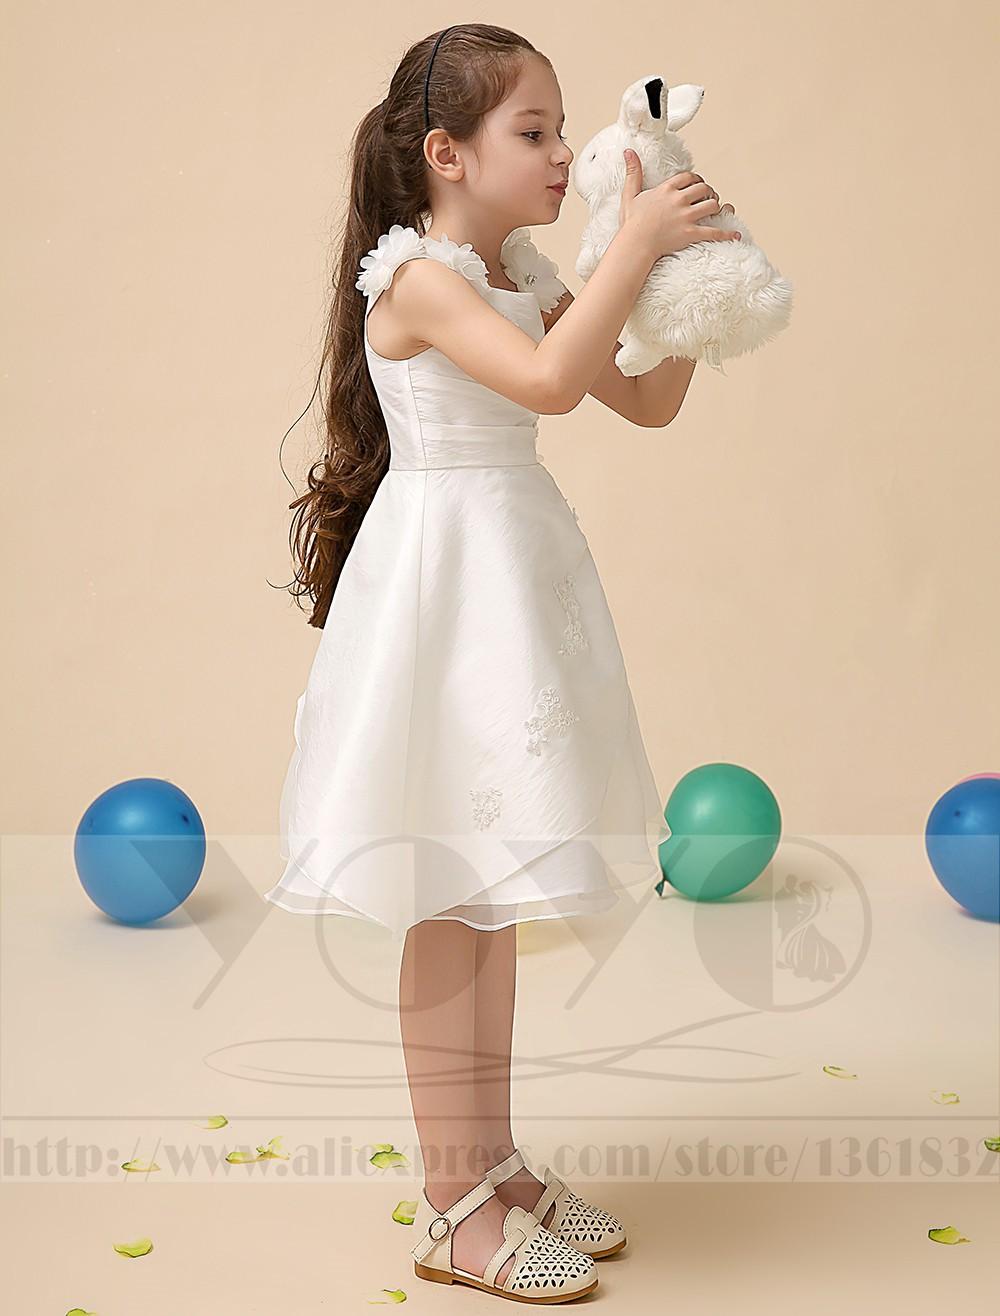 Скидки на Роскошный атлас цвета слоновой кости Цветок девушке Платье с аппликацией дети вечернее платье Девушки красивые маленькие девочки платья